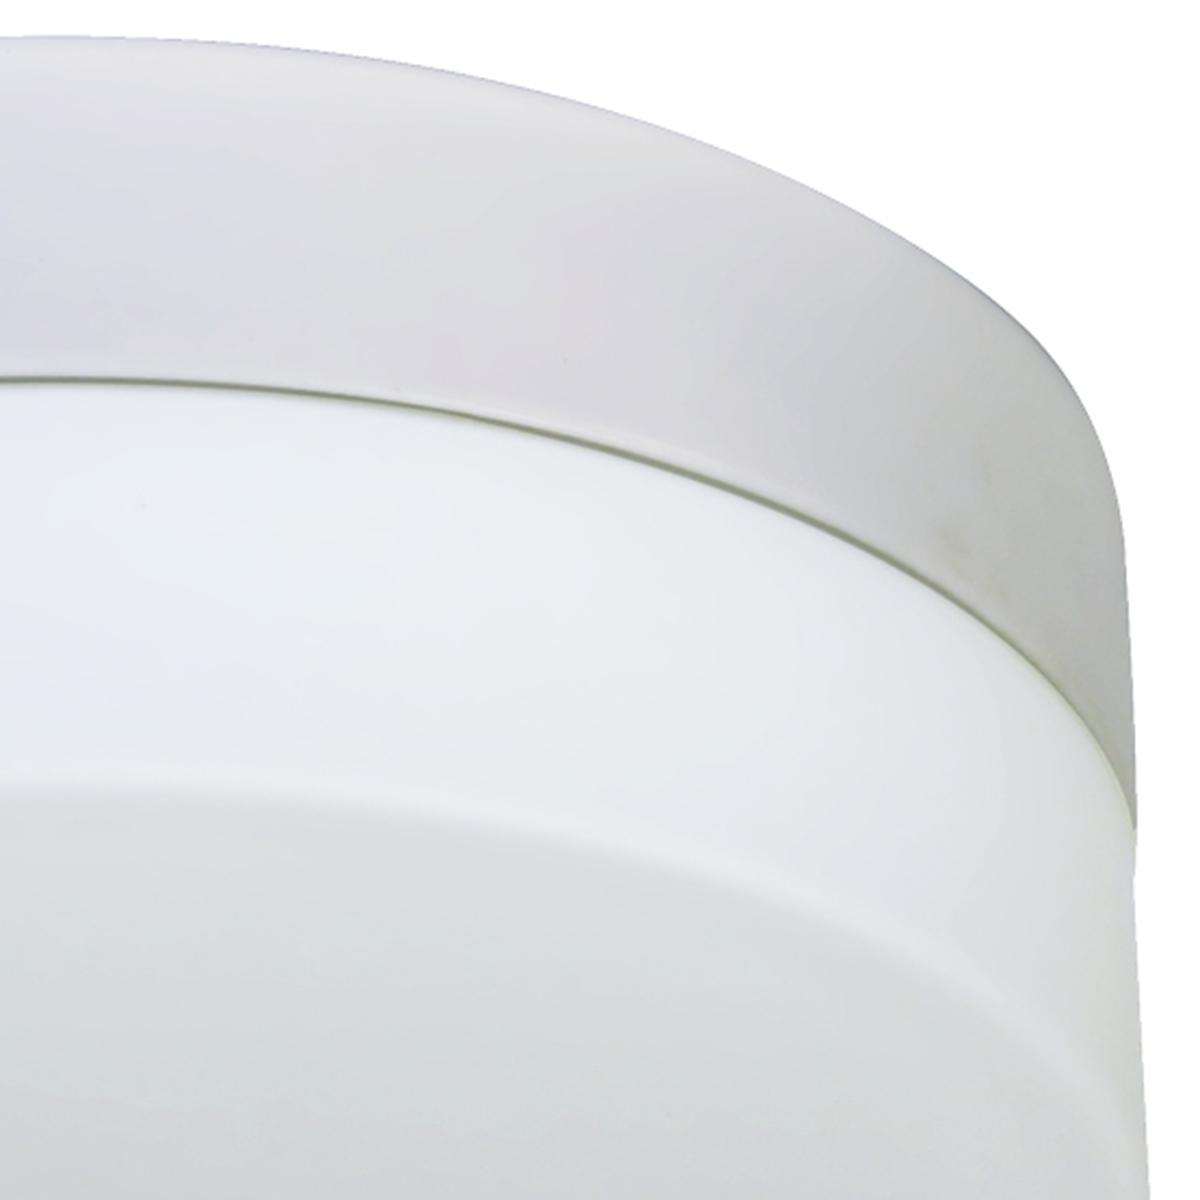 Plafon Belle Redondo 29cm Vidro Leitoso 3 Lamp. E-27 Max 60w Base Branco